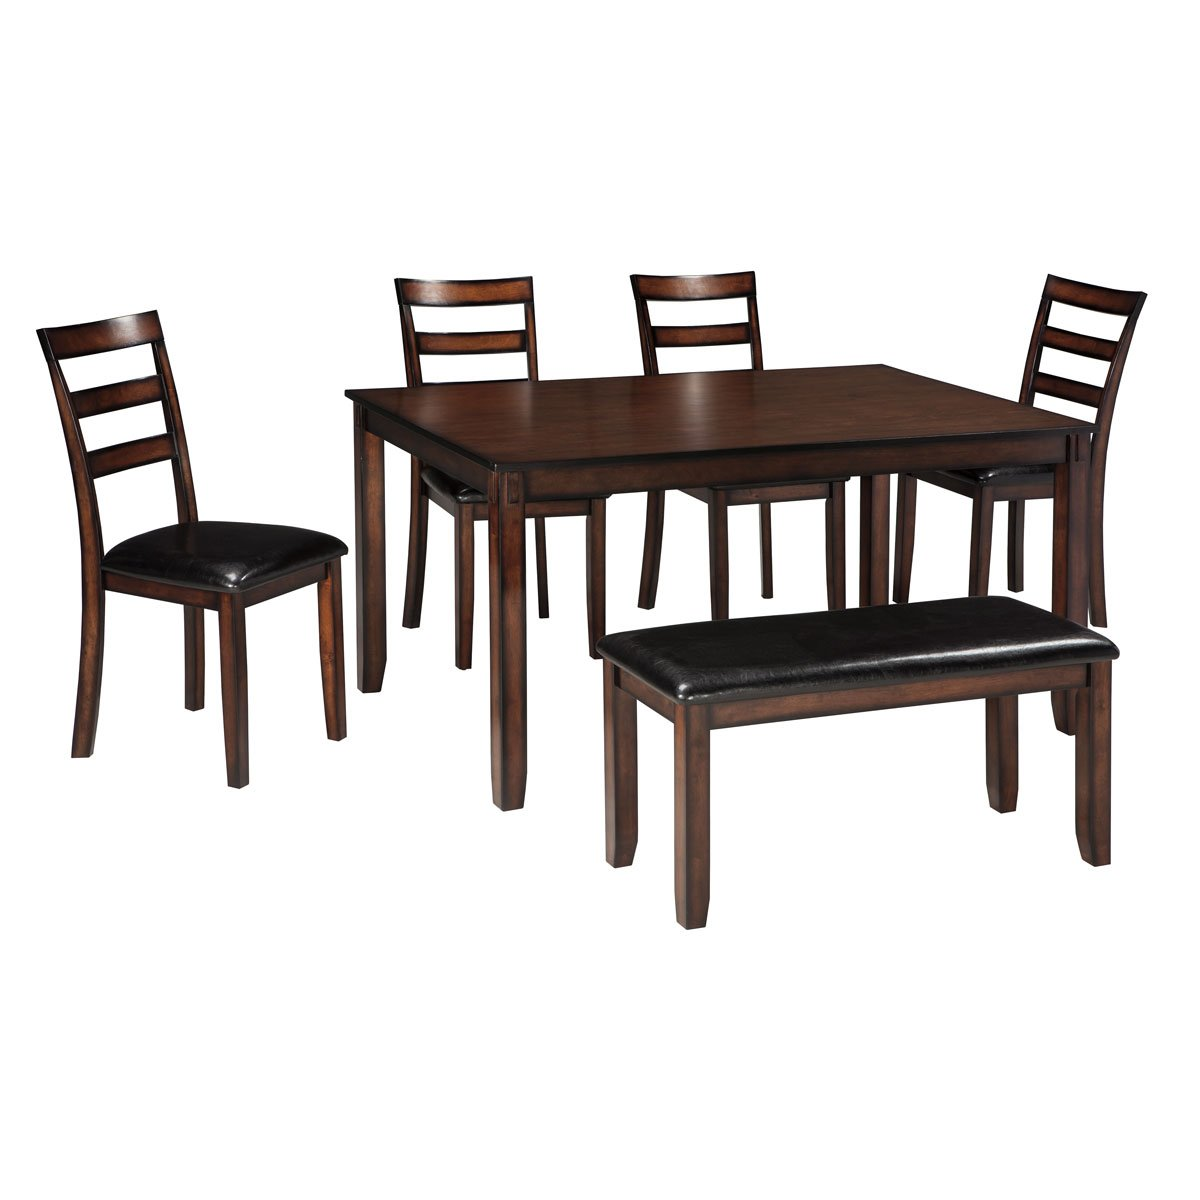 Comedores Completos Sears Com Mx Me Entiende  # Muebles Sears Monterrey